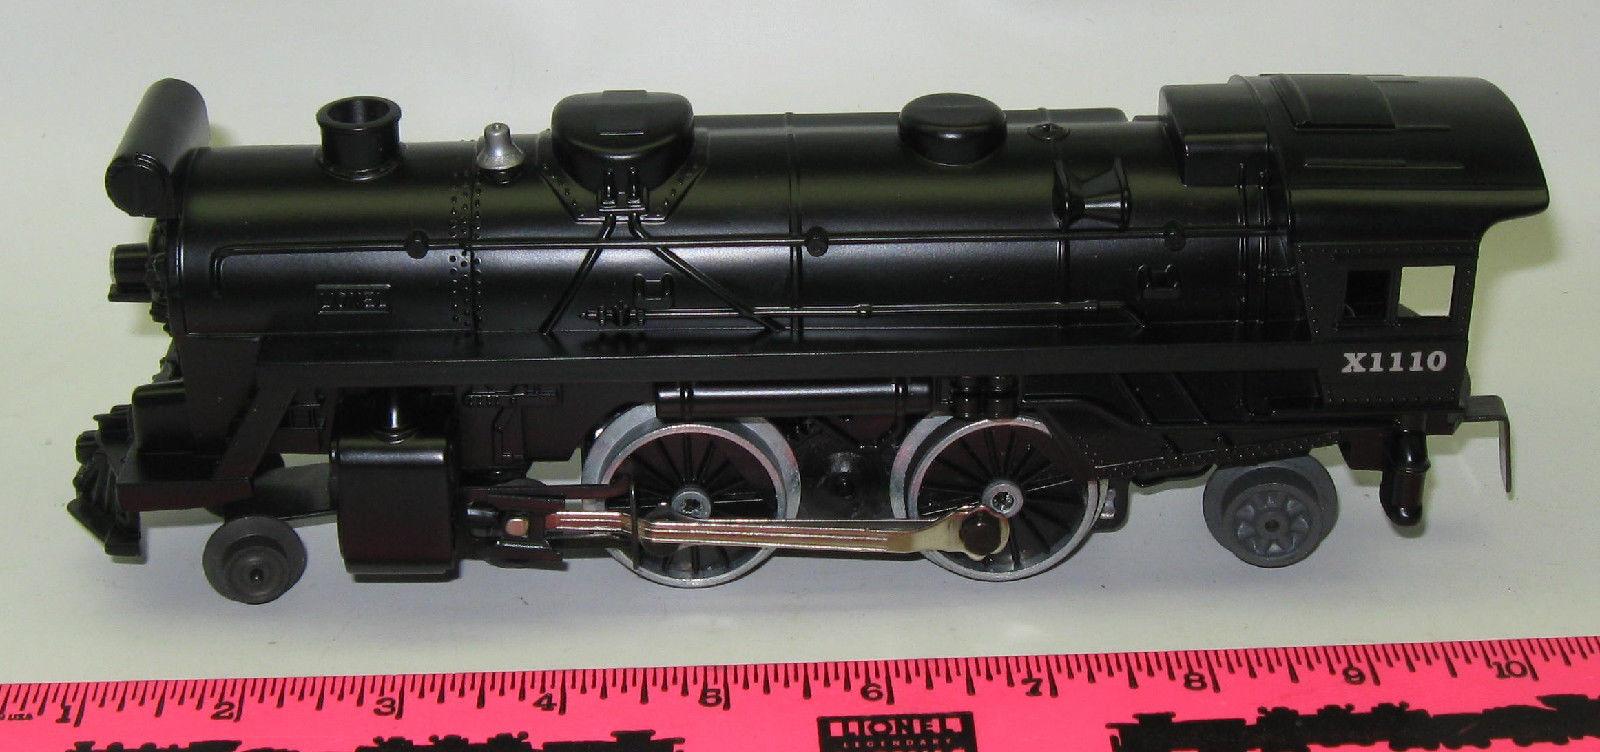 Lionel  x1110 Steam Locomotive